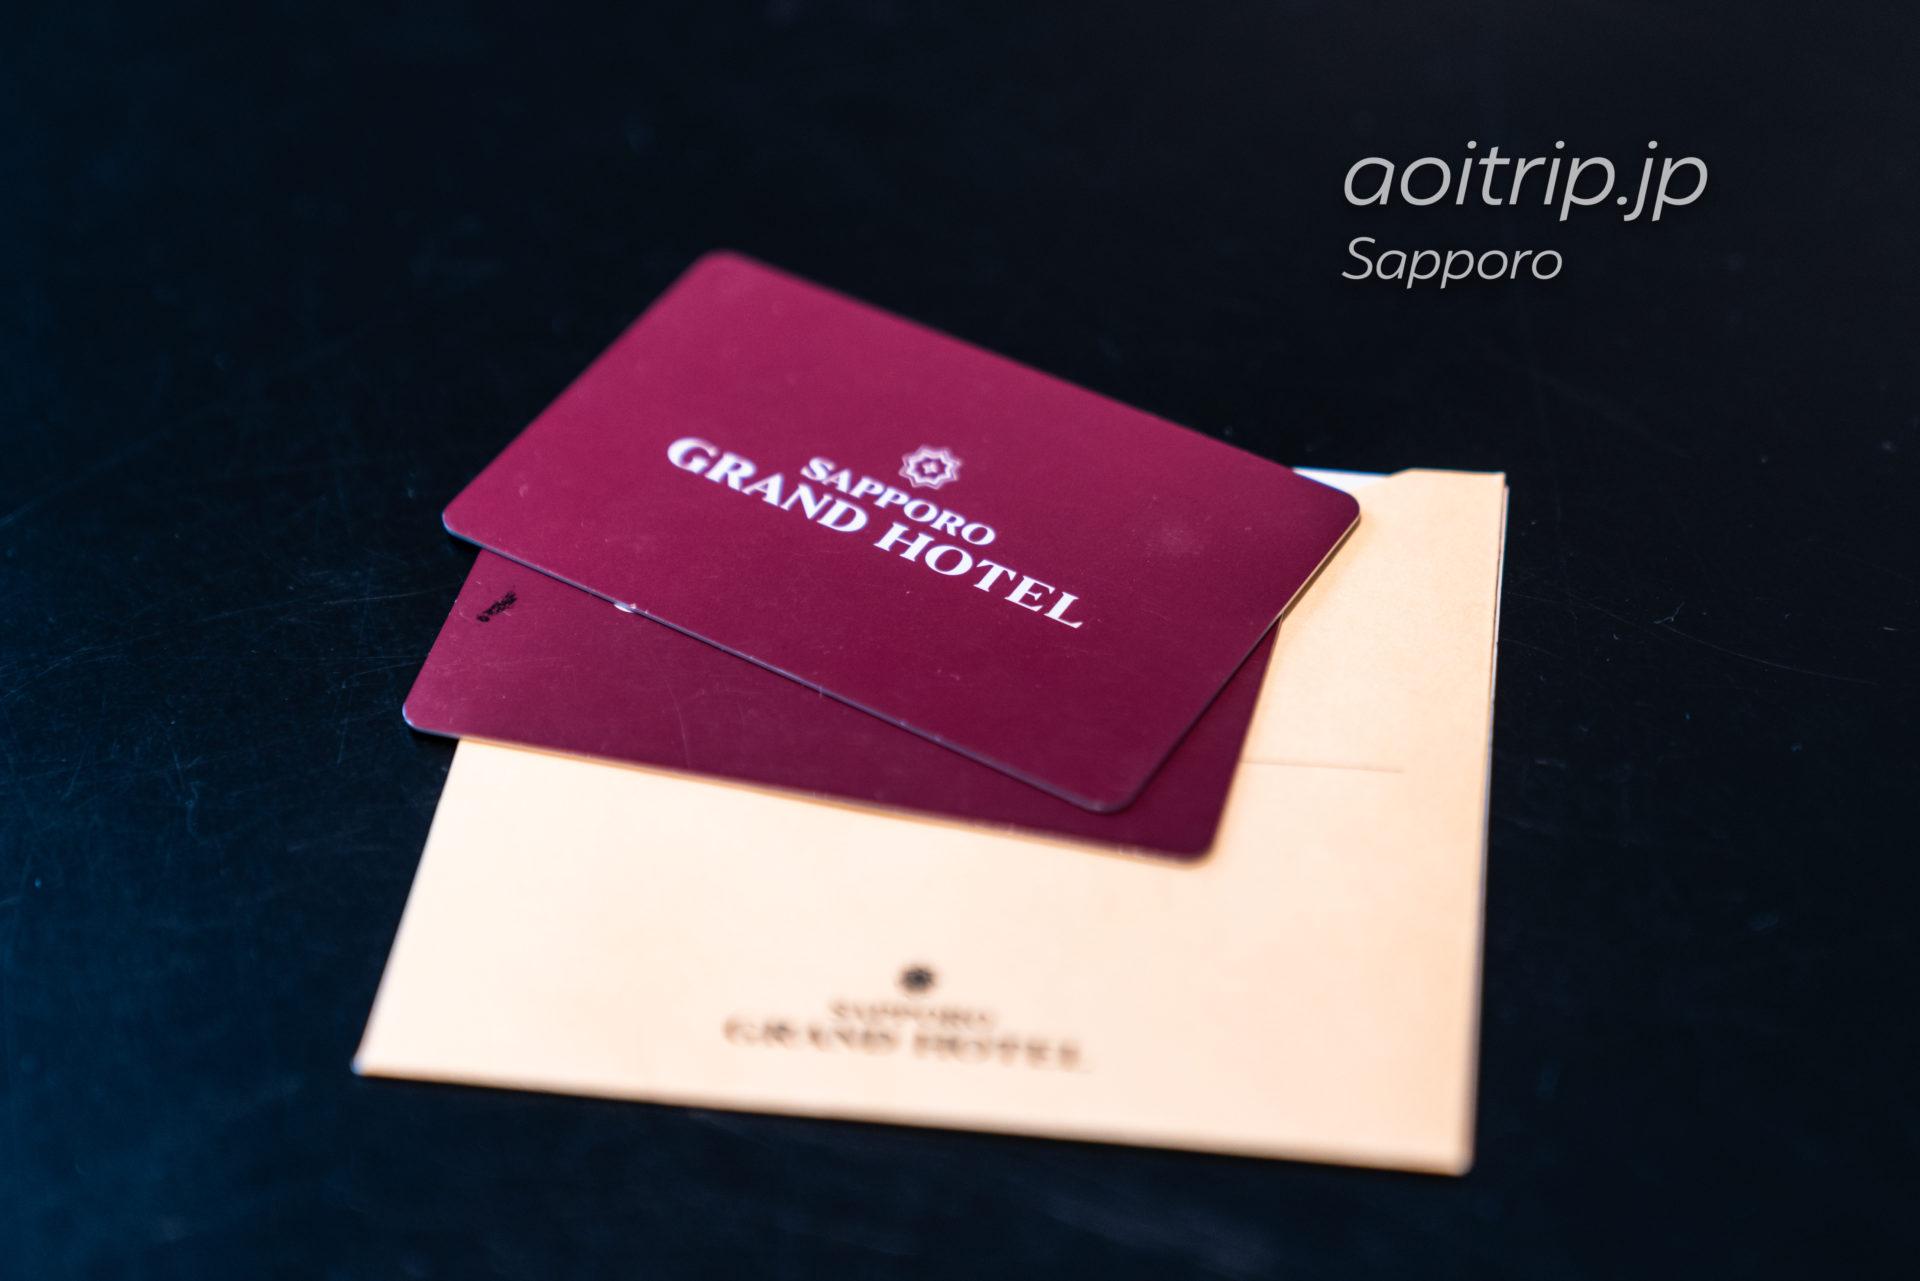 札幌グランドホテルのカードキー